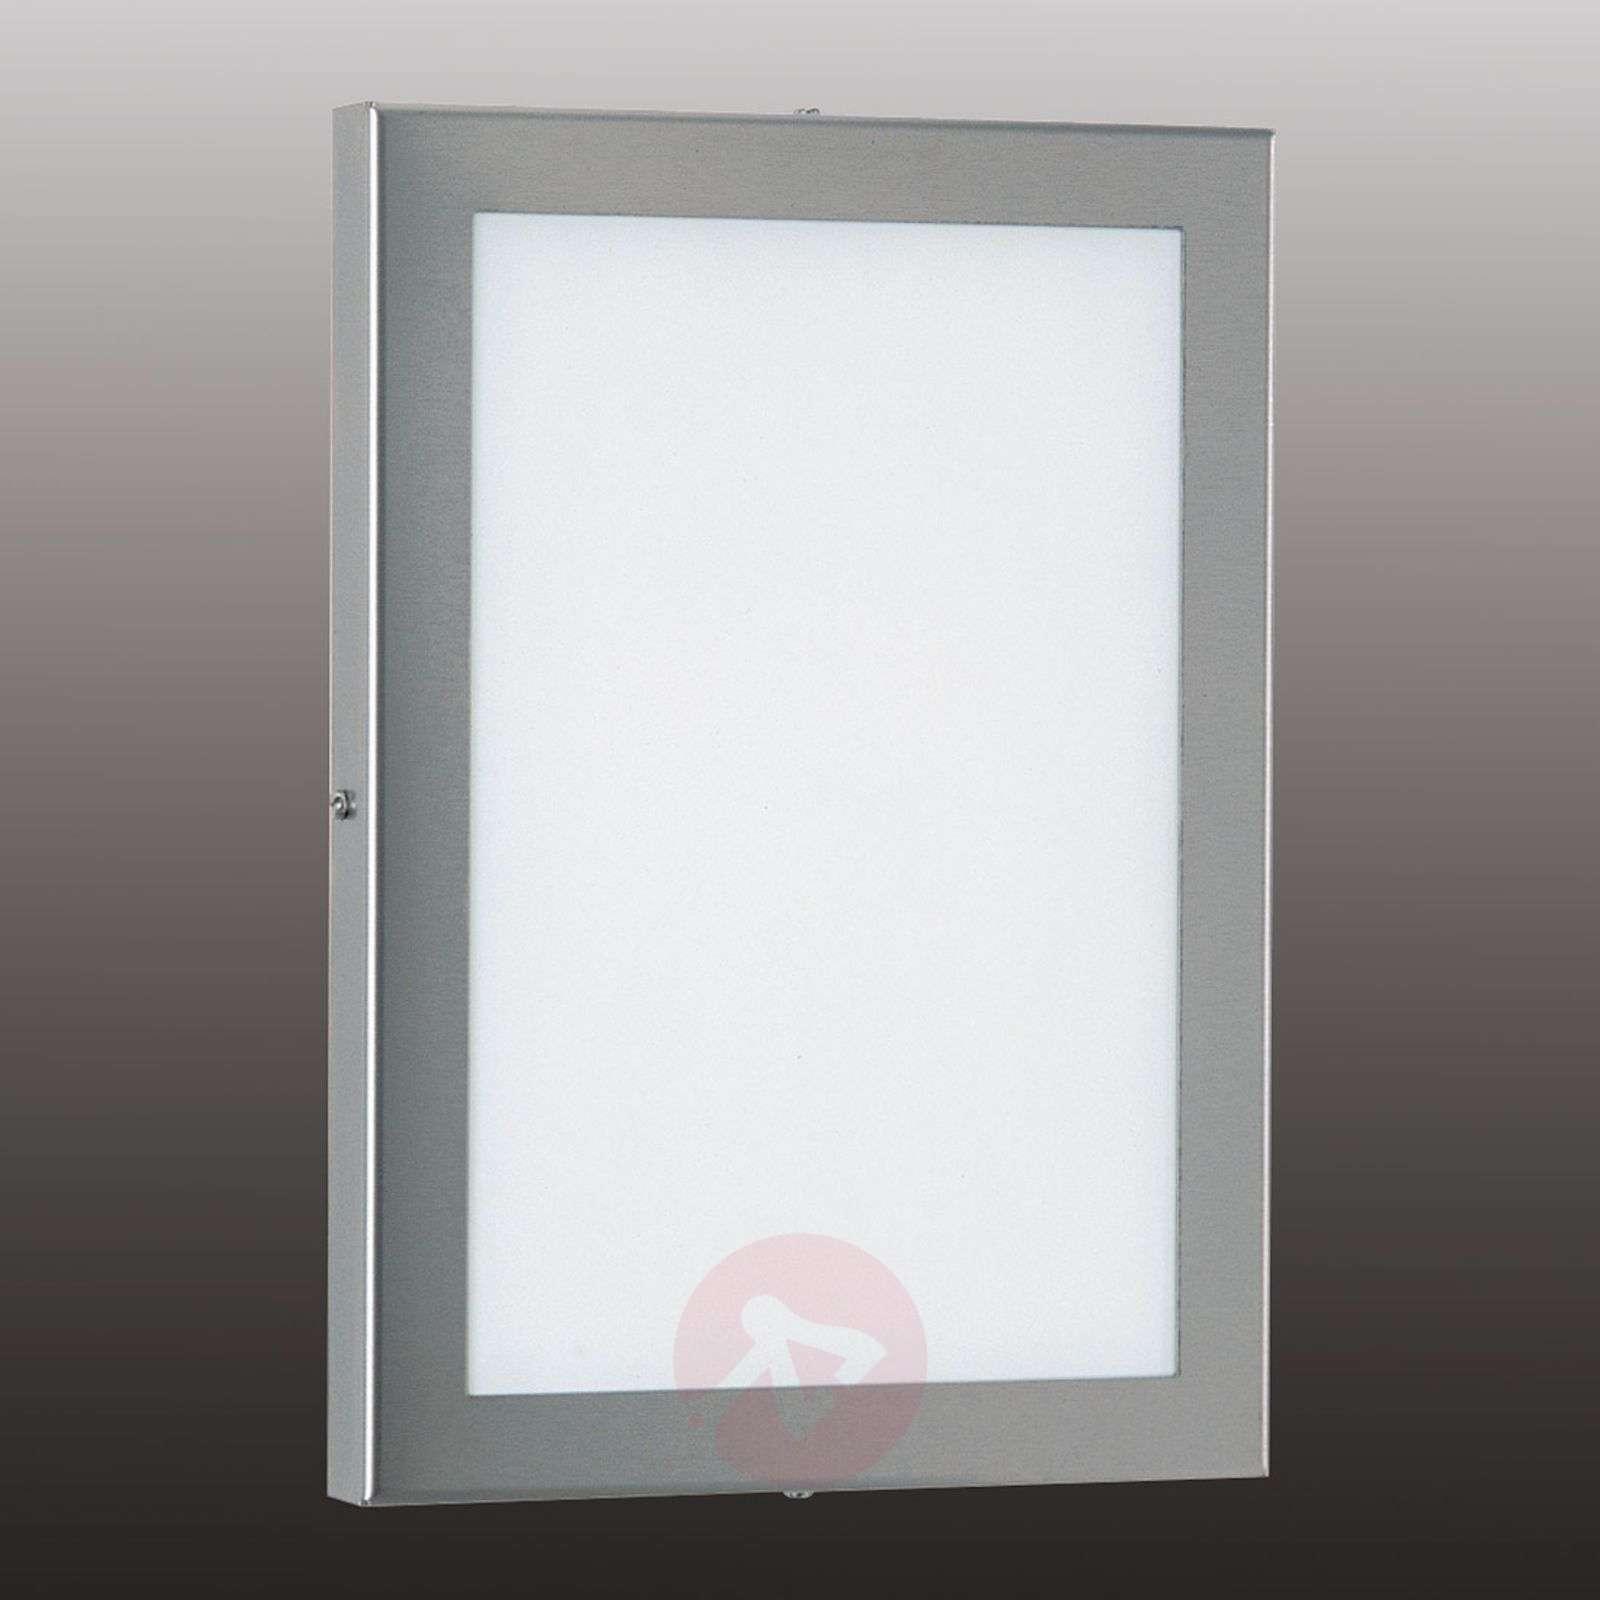 Kulmikas Alina-LED-ulkovalaisin, ruostumaton teräs-4000313-01